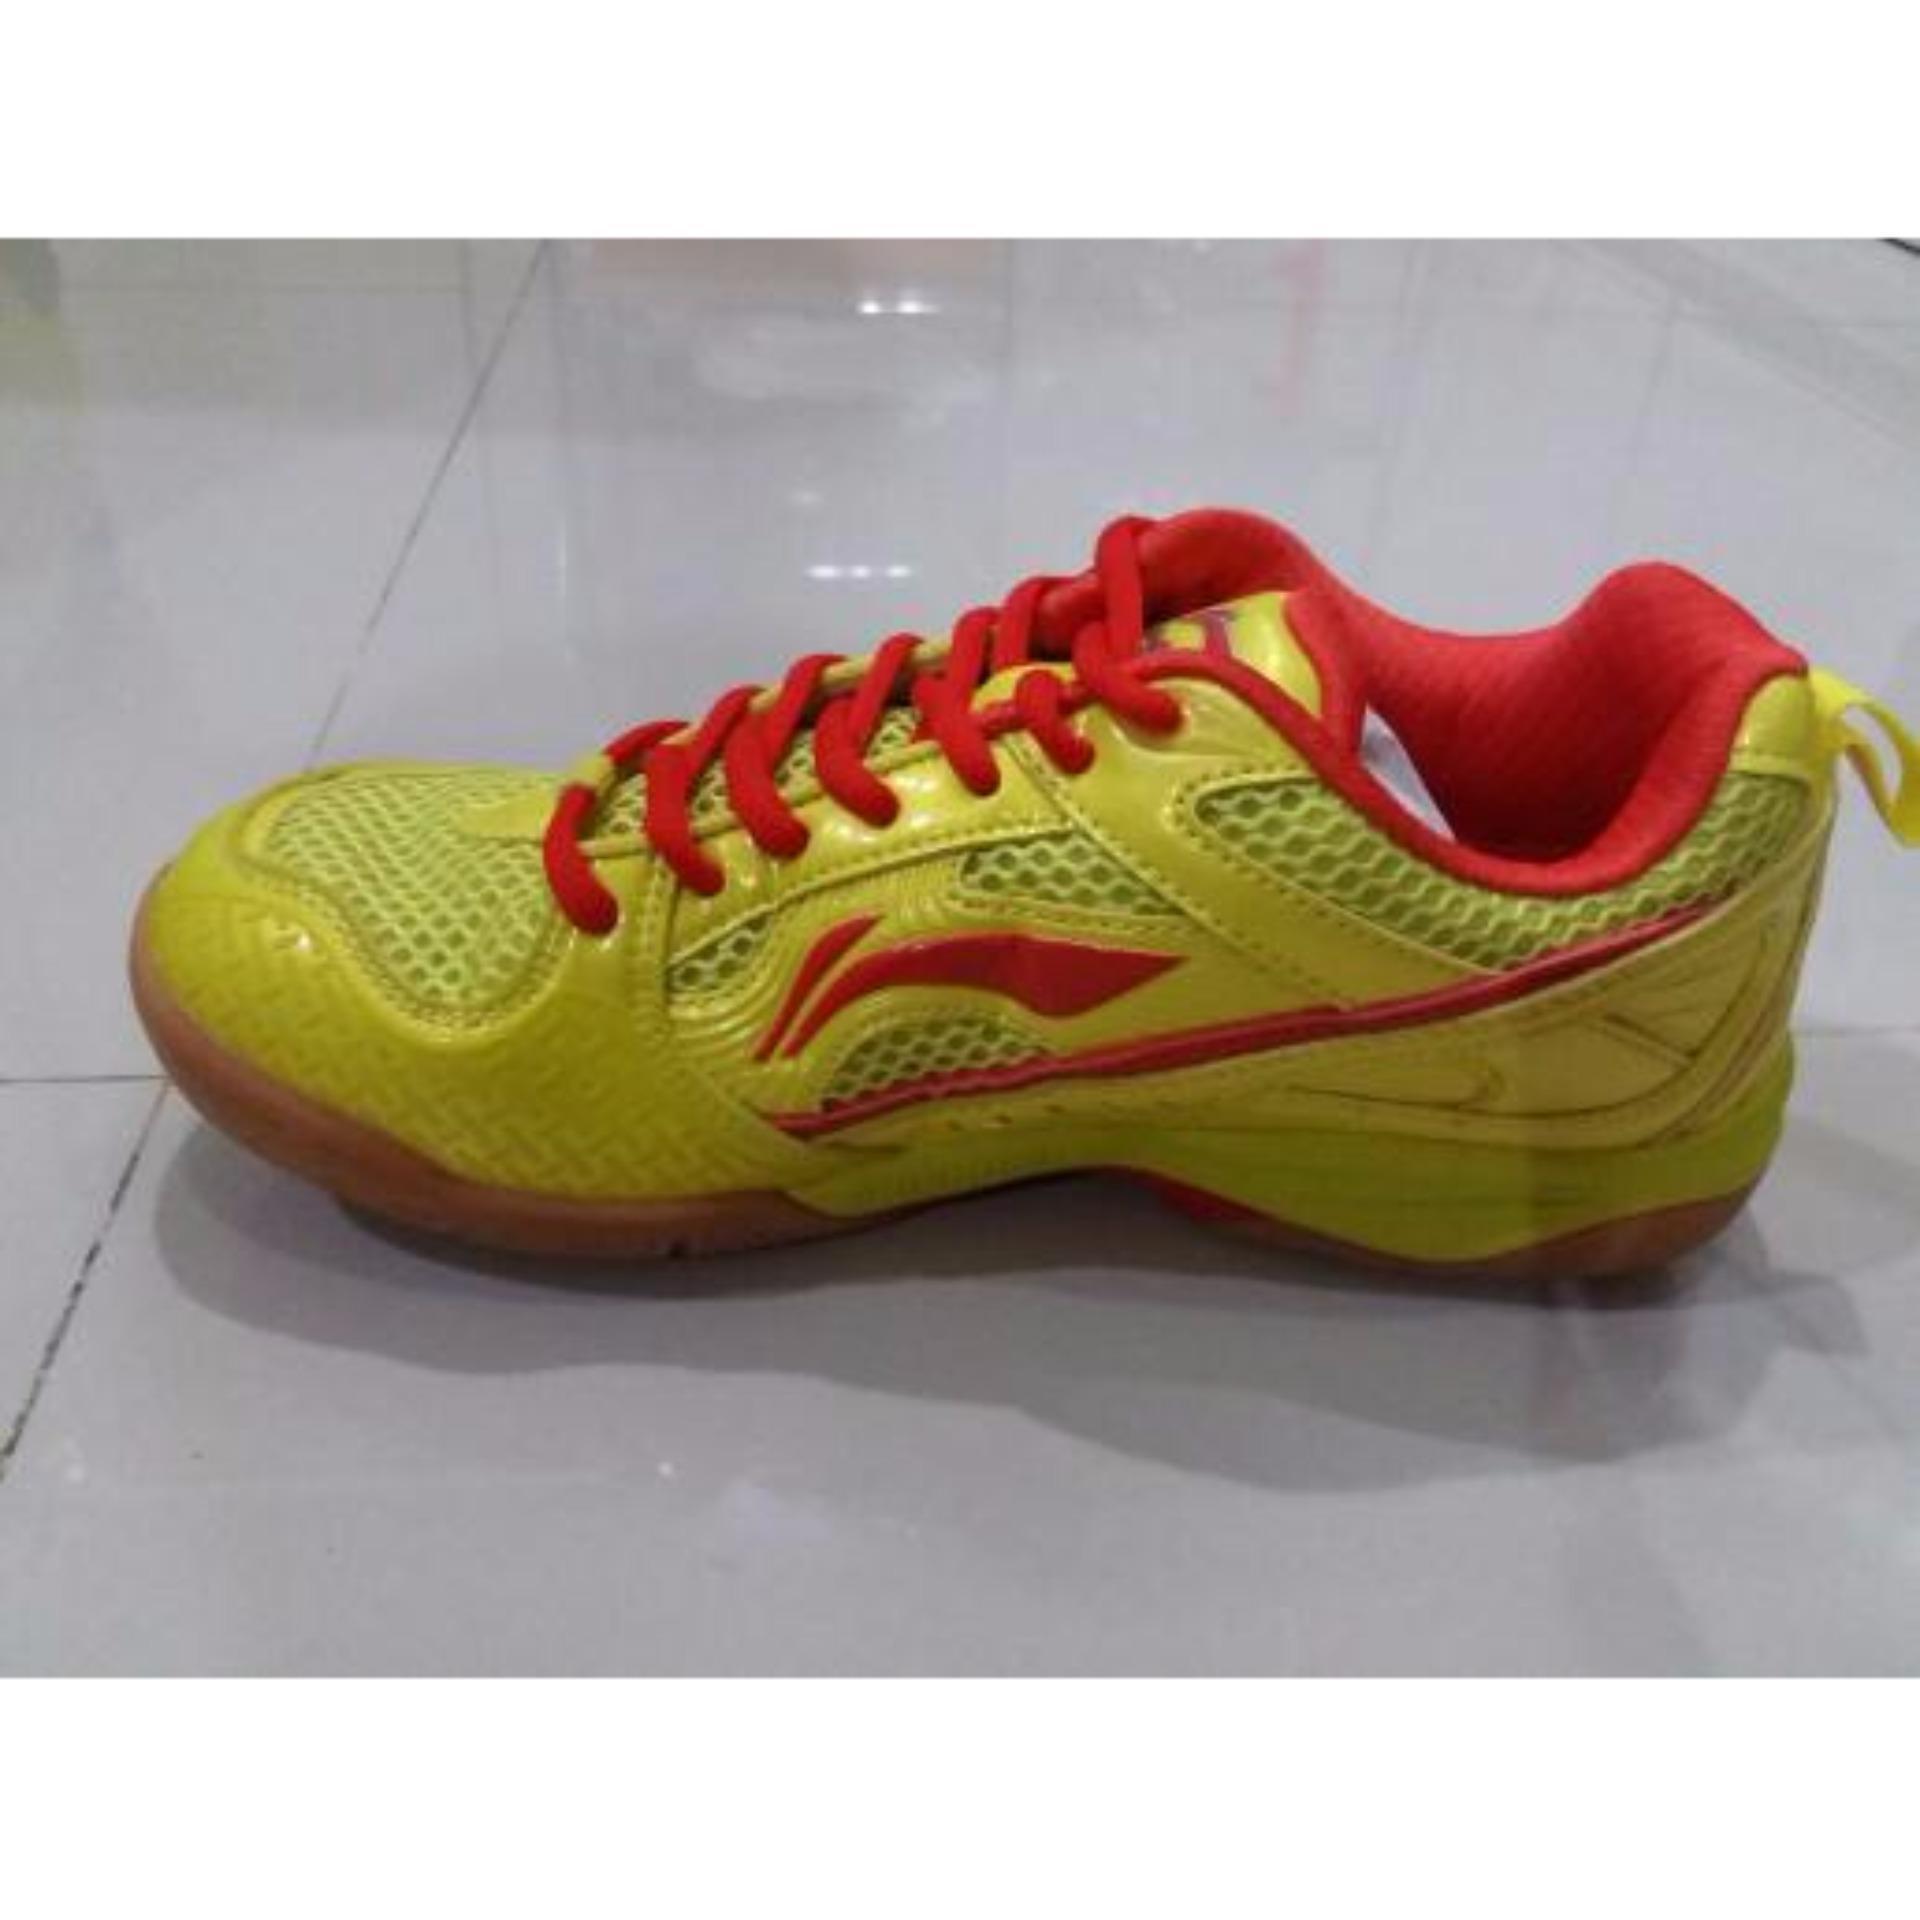 Harga Sepatu Lining Twister Original Badminton Shoes Murah Obral Diskon Jual Perlengkapan Olahraga Bulutangkis Surabaya Adha Sport Store Branded